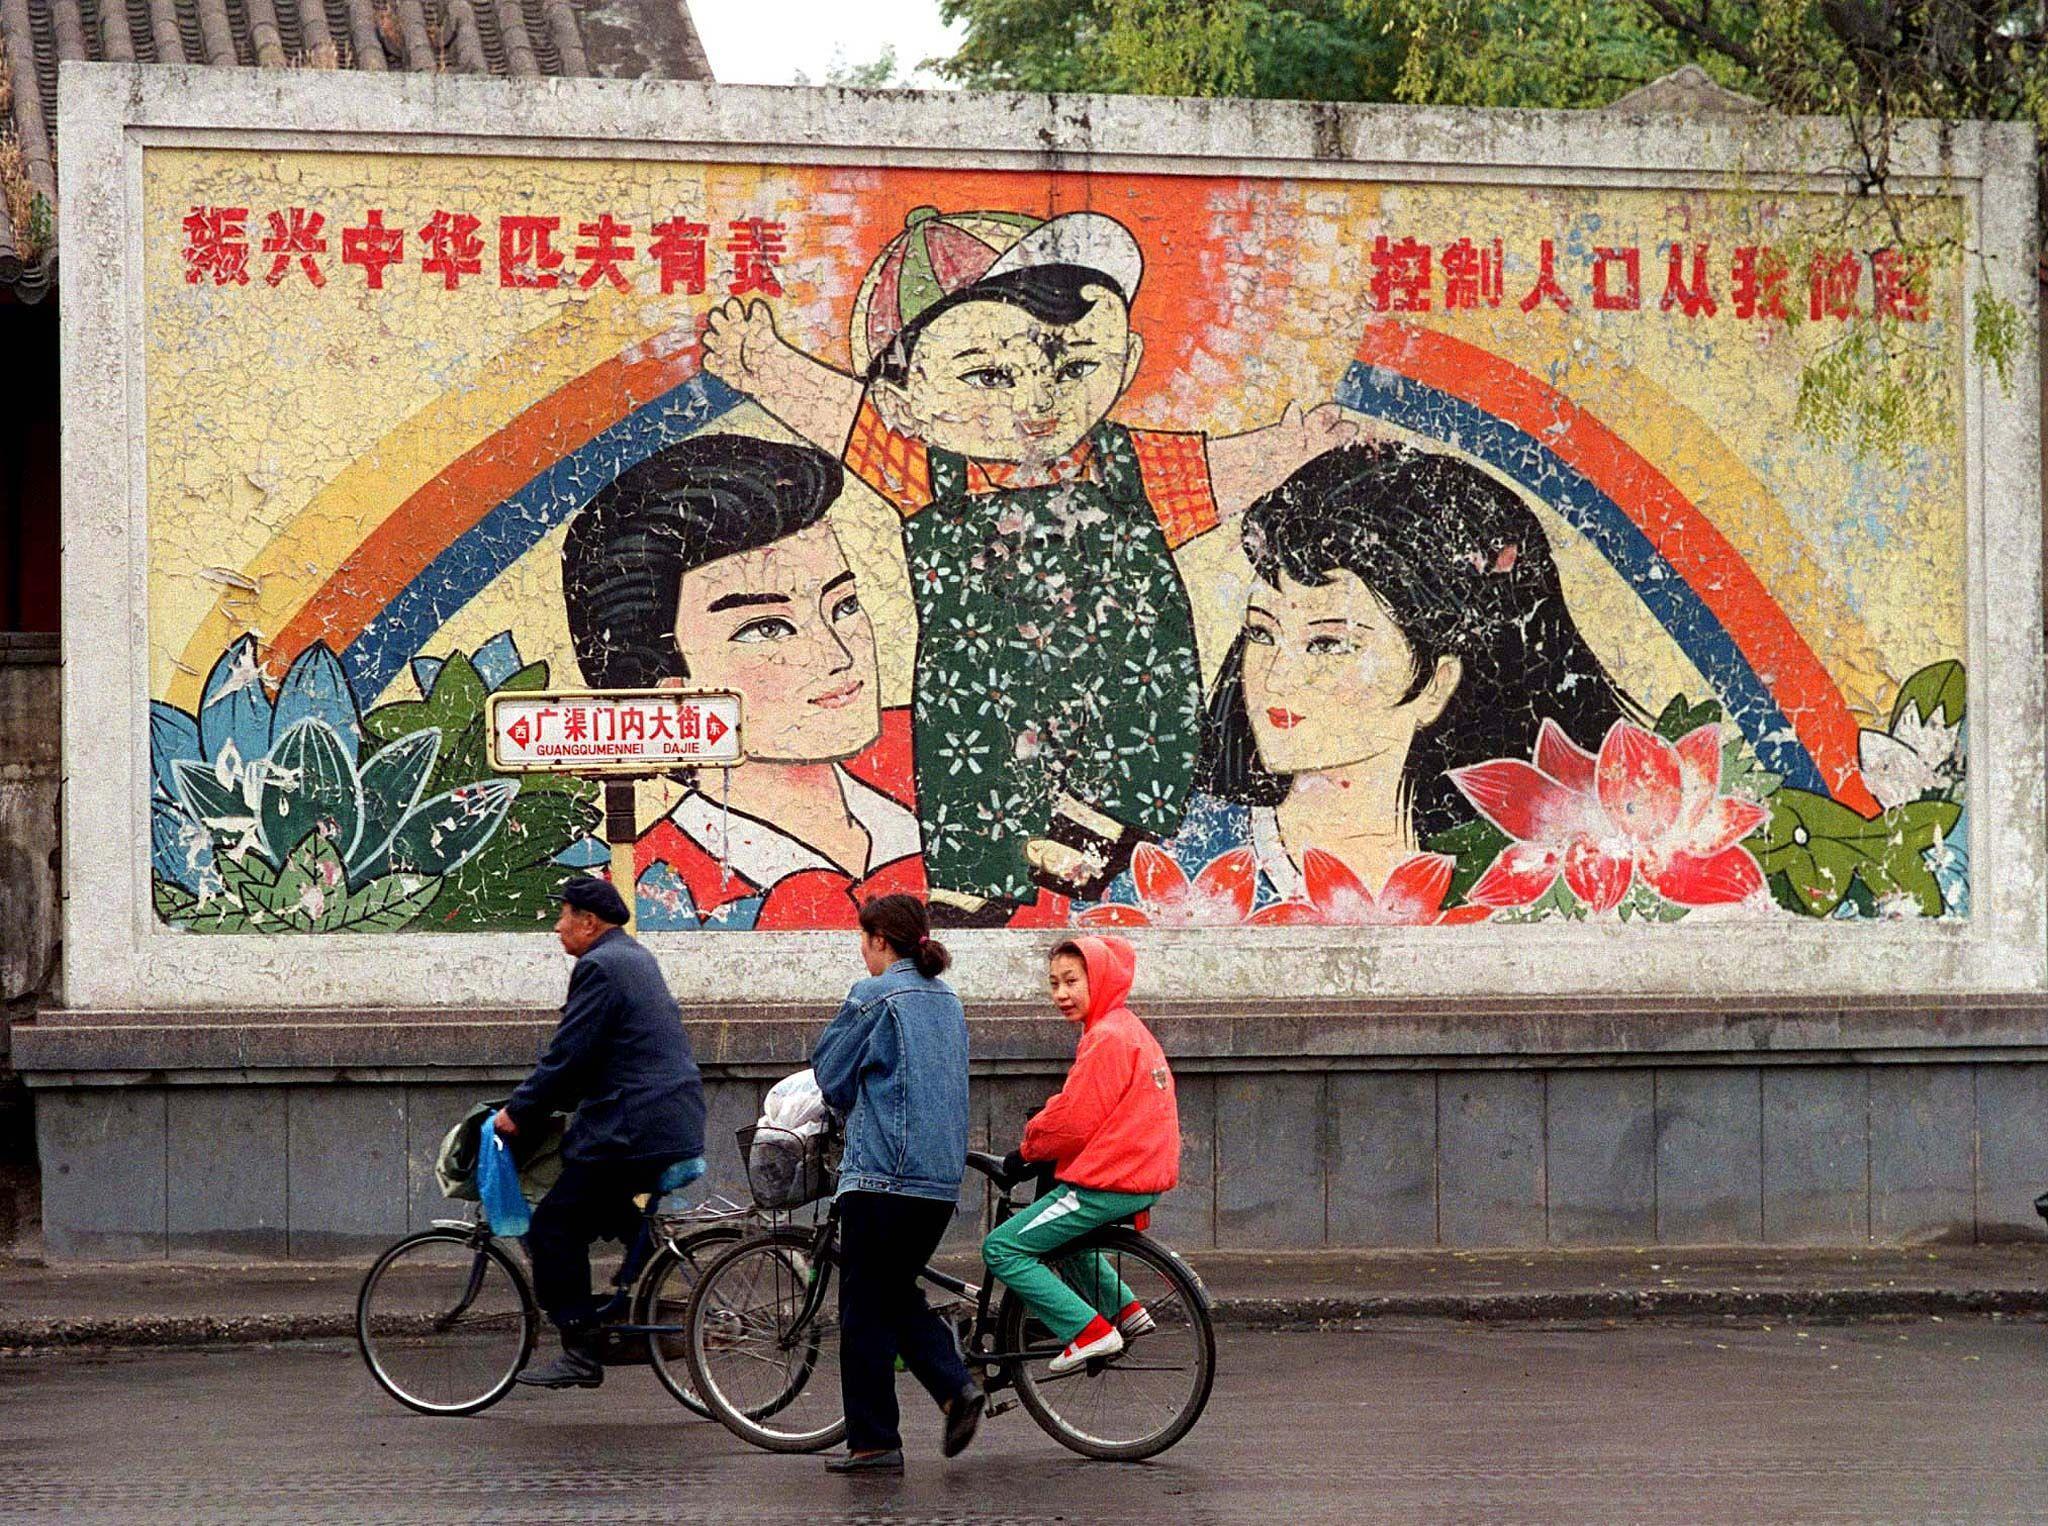 En Chine, la politique de contrôle des naissances a été mise en application à partir de 1979.